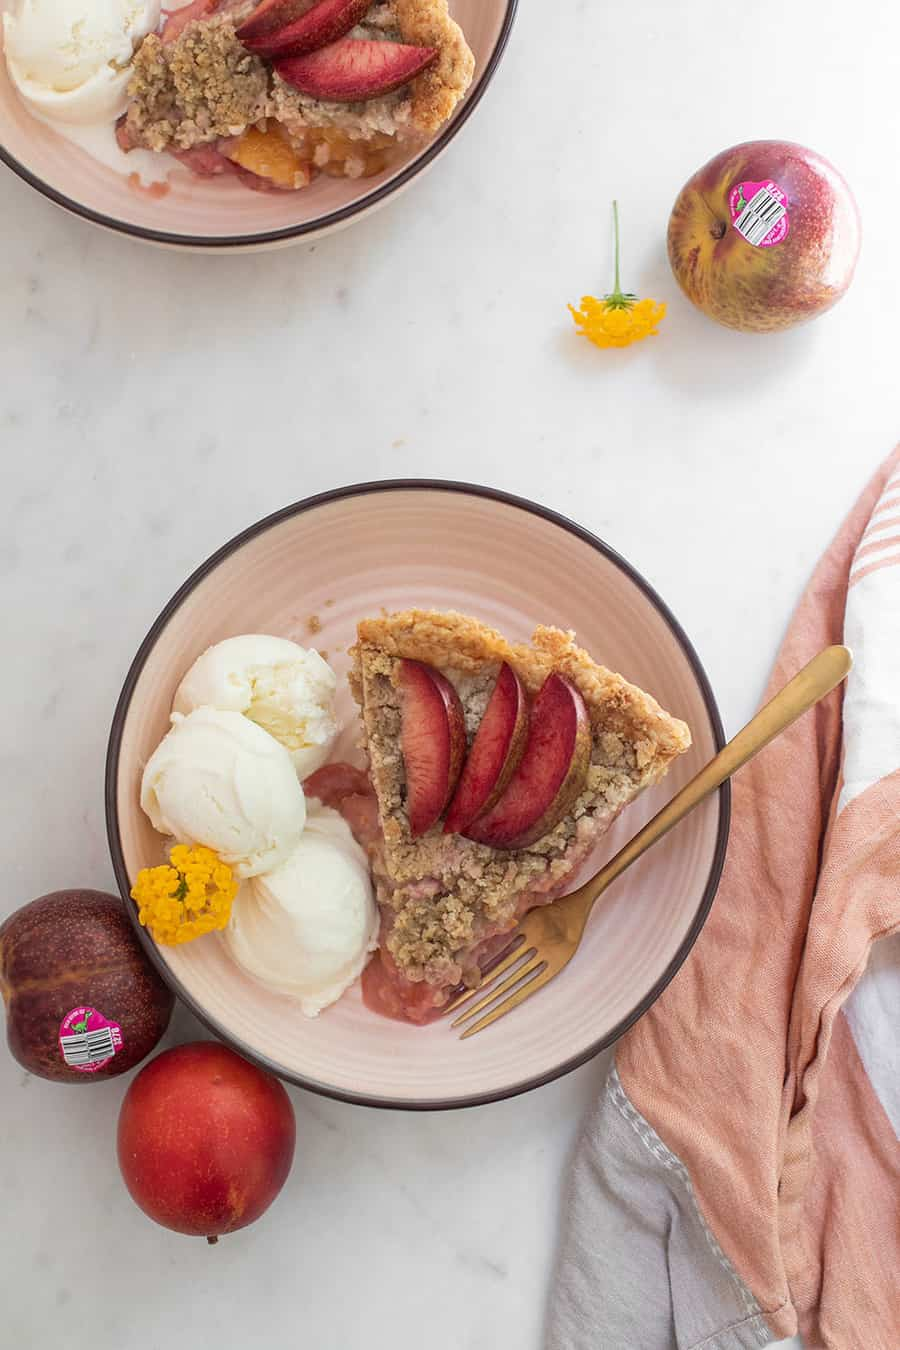 Slice of plumcot and aprium pie recipe.